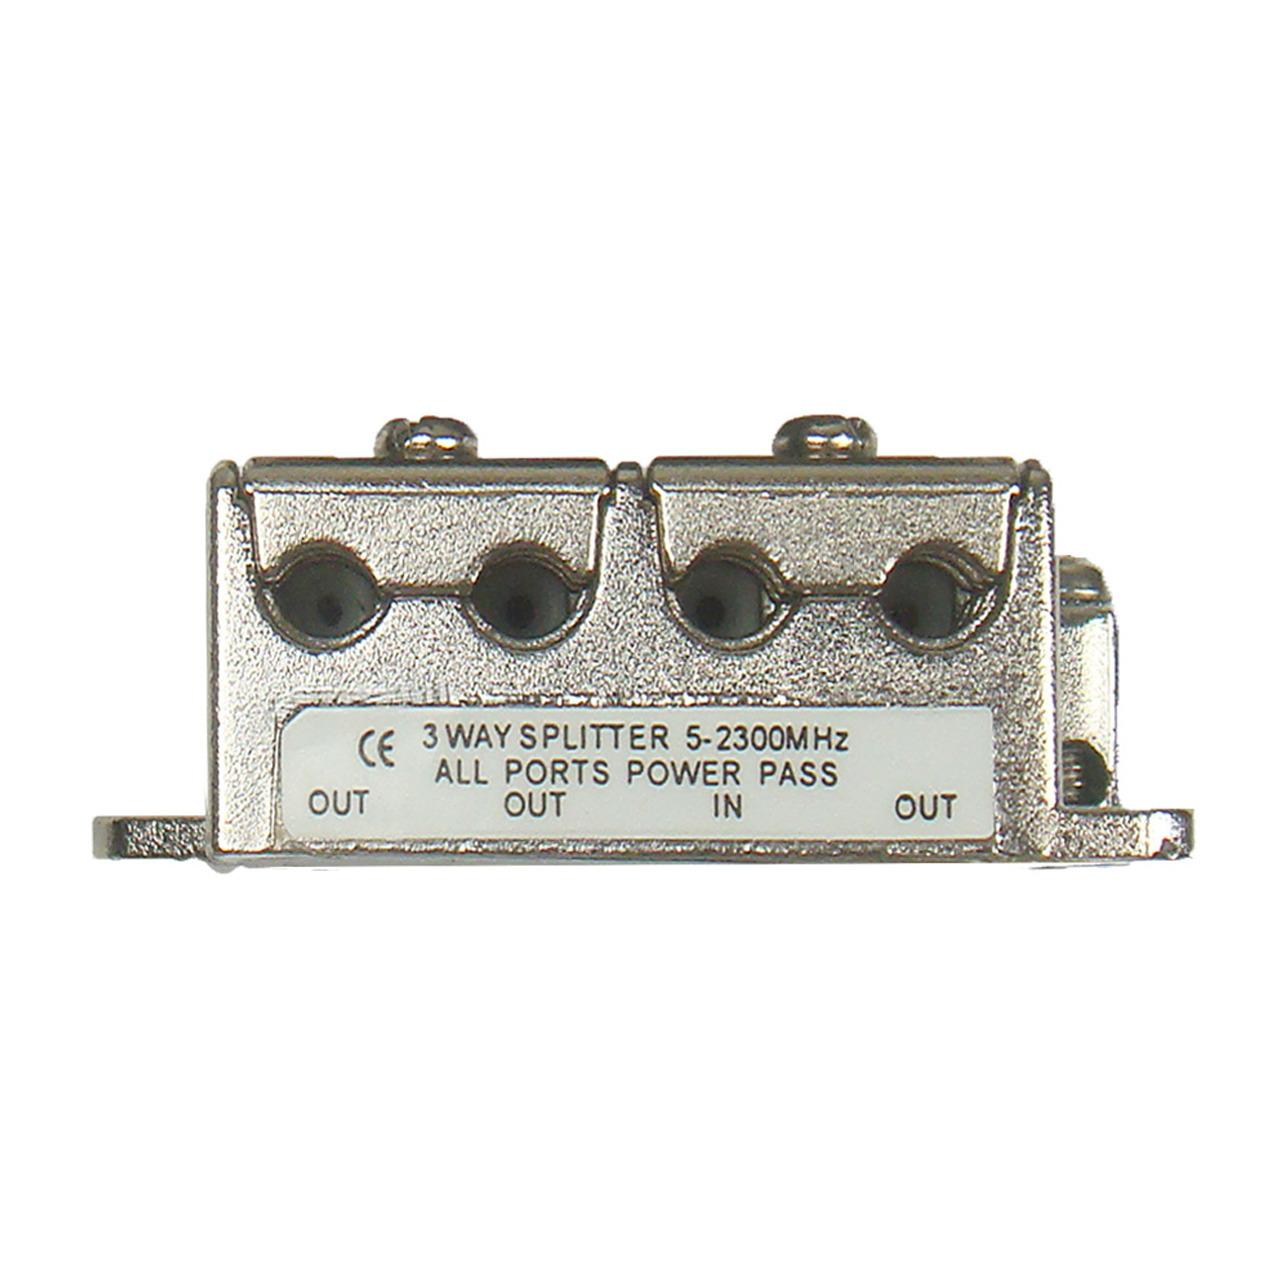 DUR-line 3-fach Mini-BK-Sat-Verteiler- kleine Bauform- ideal für Unterputzmontage (Unterputzdosen)